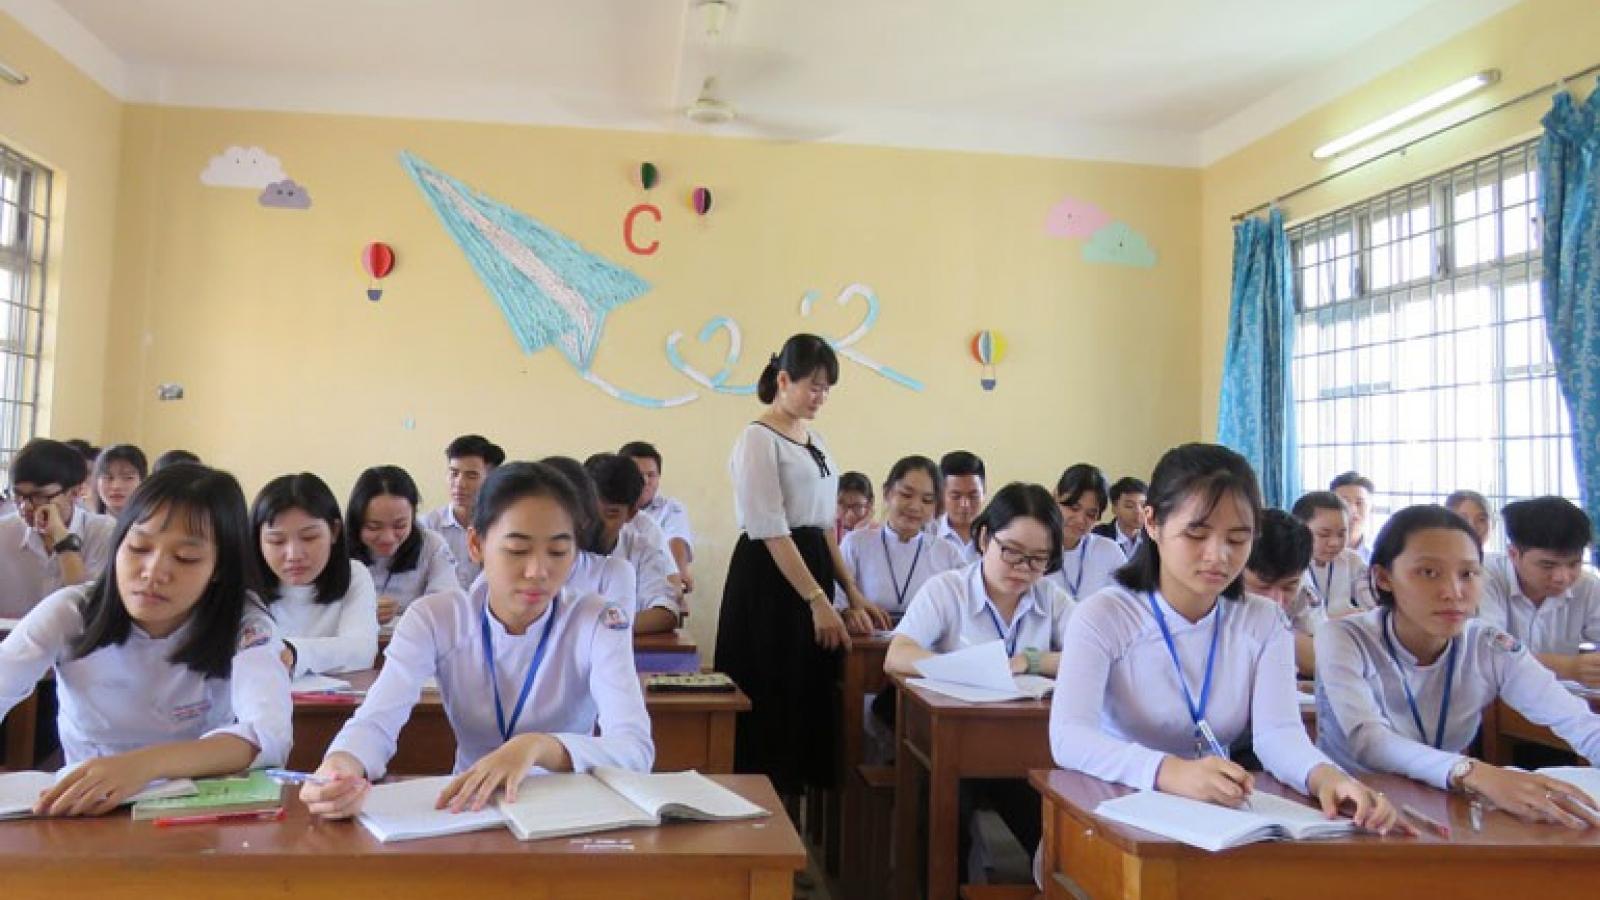 Phú Yên tạm dừng dạy và học để phòng chống Covid-19